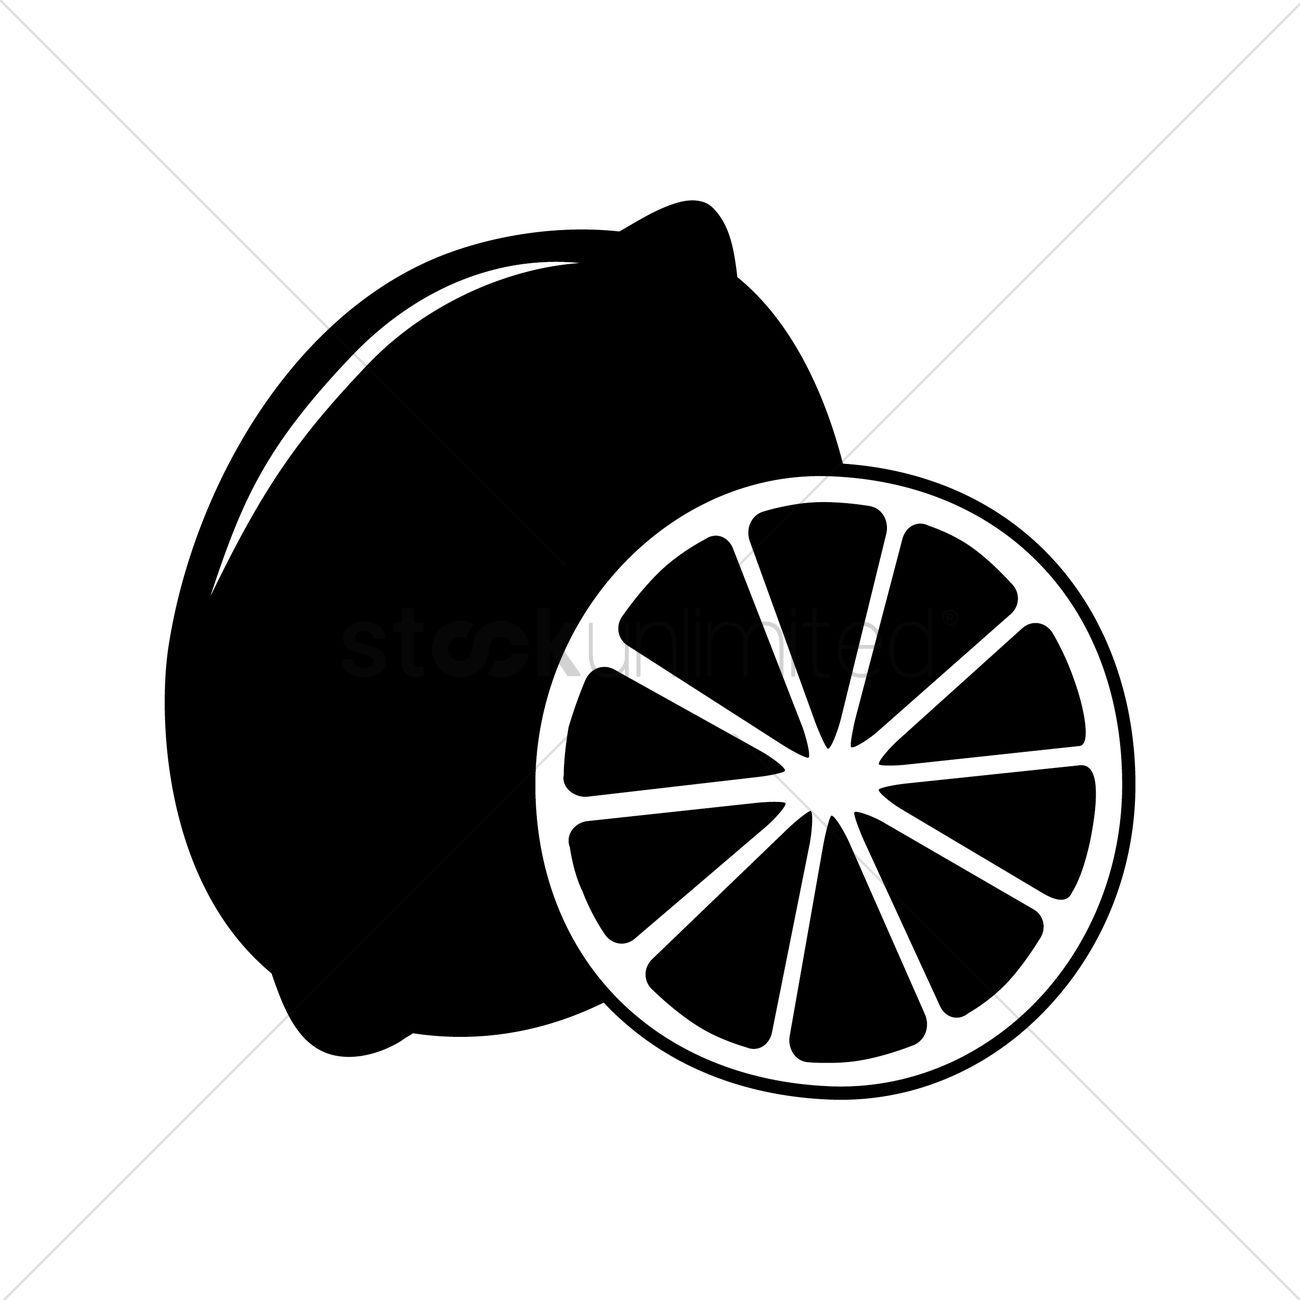 silhouette of lemon vector image 1447186 stockunlimited Halloween Vector Graphics Halloween Silhouette